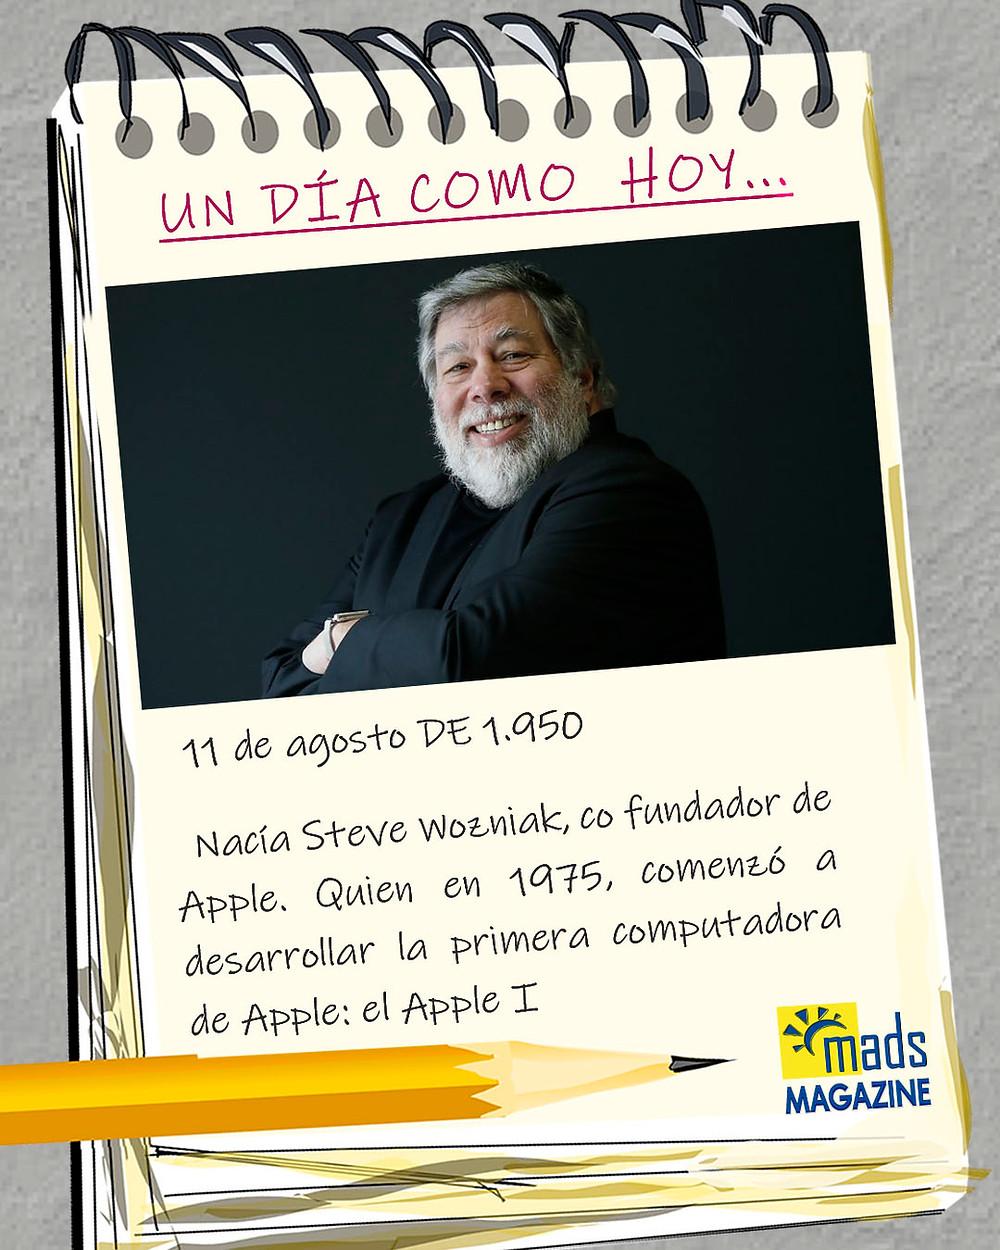 Steve Wozniak nació el 11 de agosto de 1950, hace 71 años